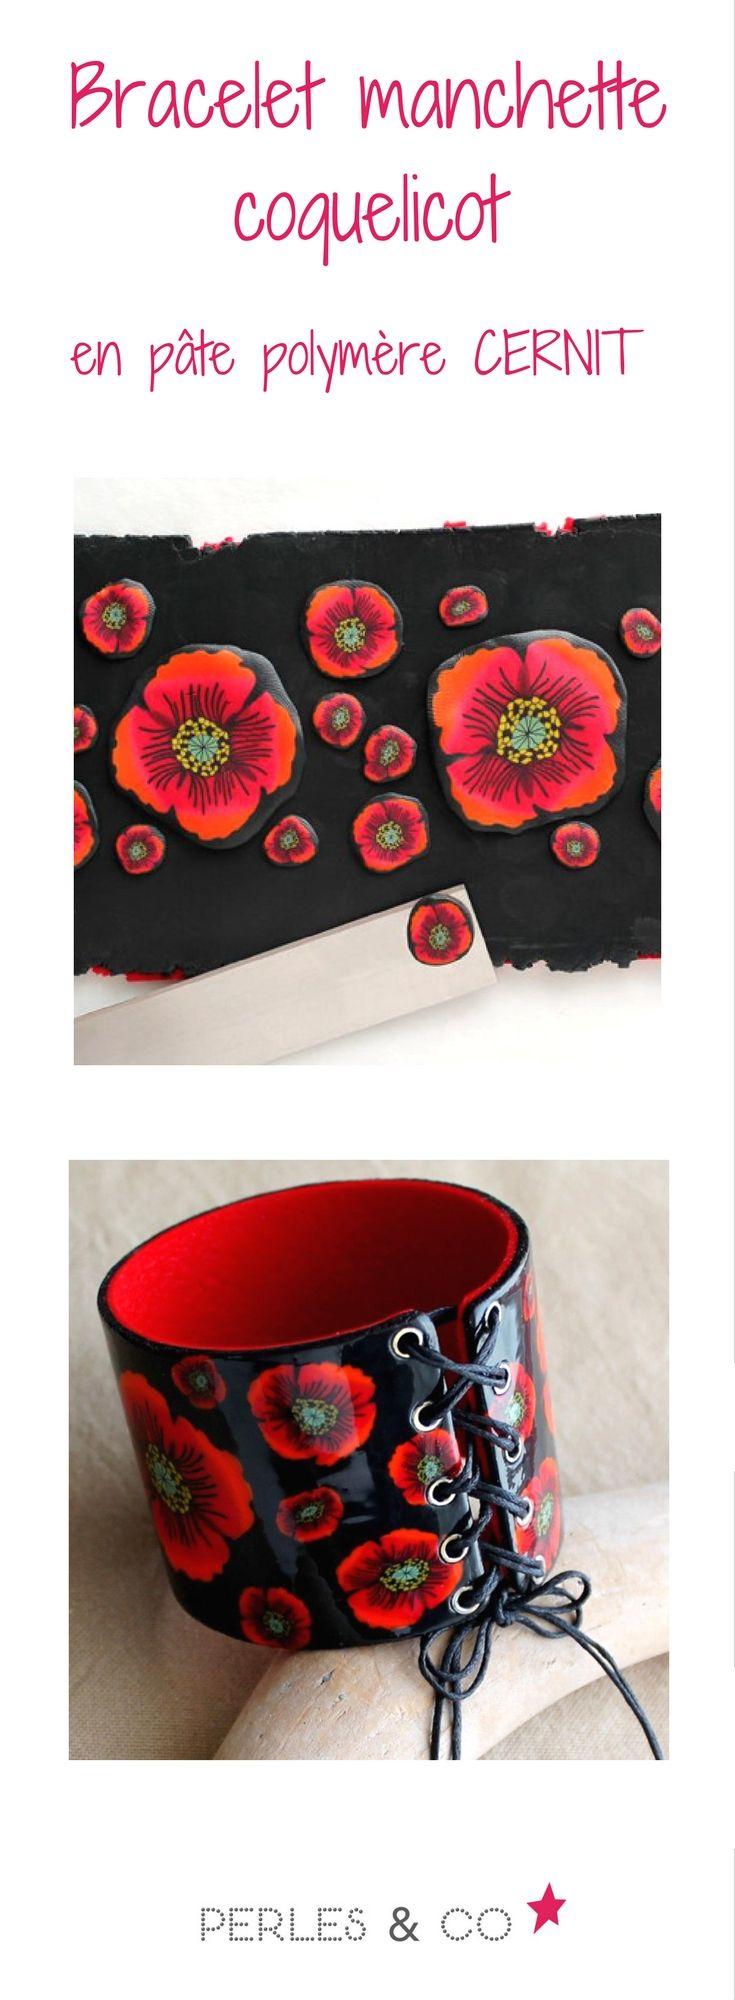 Réalisez ce magnifique bracelet manchette avec une cane coquelicot